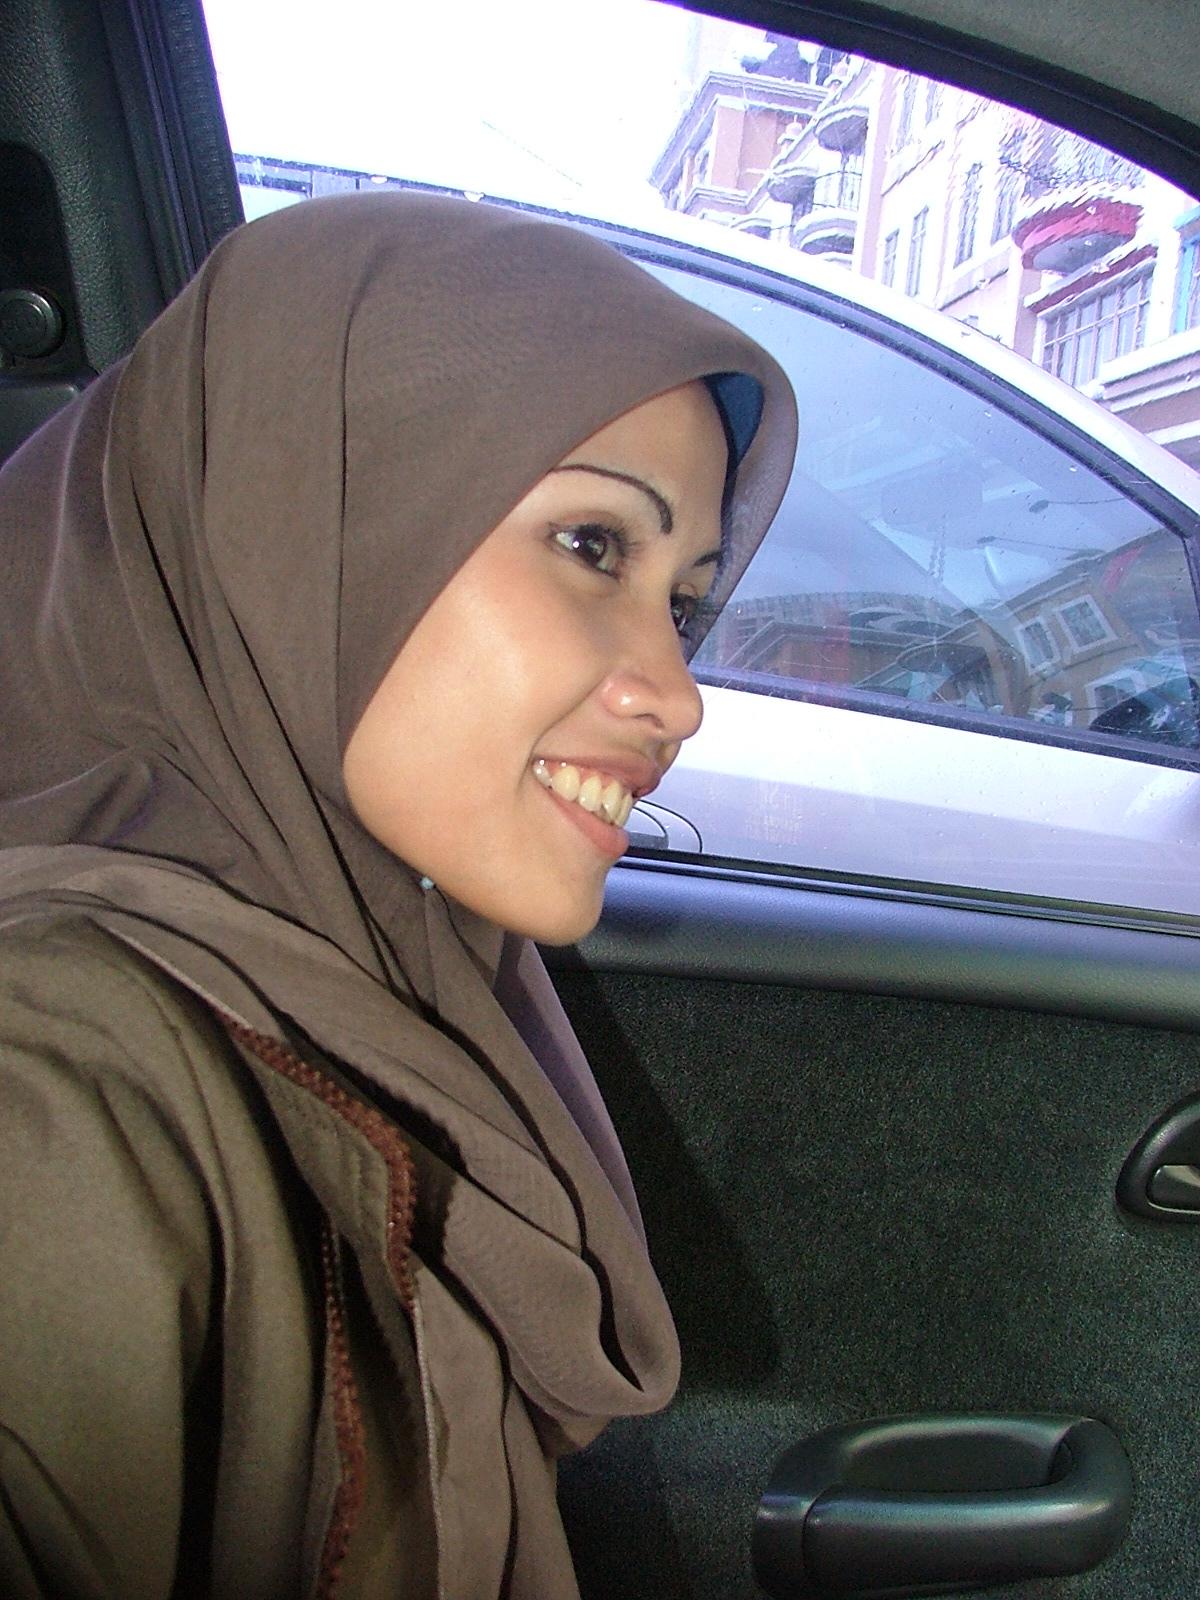 Mungkin Wanita Yang Mengenakan Jilbab Itu Lebih Seksi Daripada Cewek Yang Memamerkan Sebagian Auratnya Karena Wanita Yang Menggunakan Jilbab Mampu